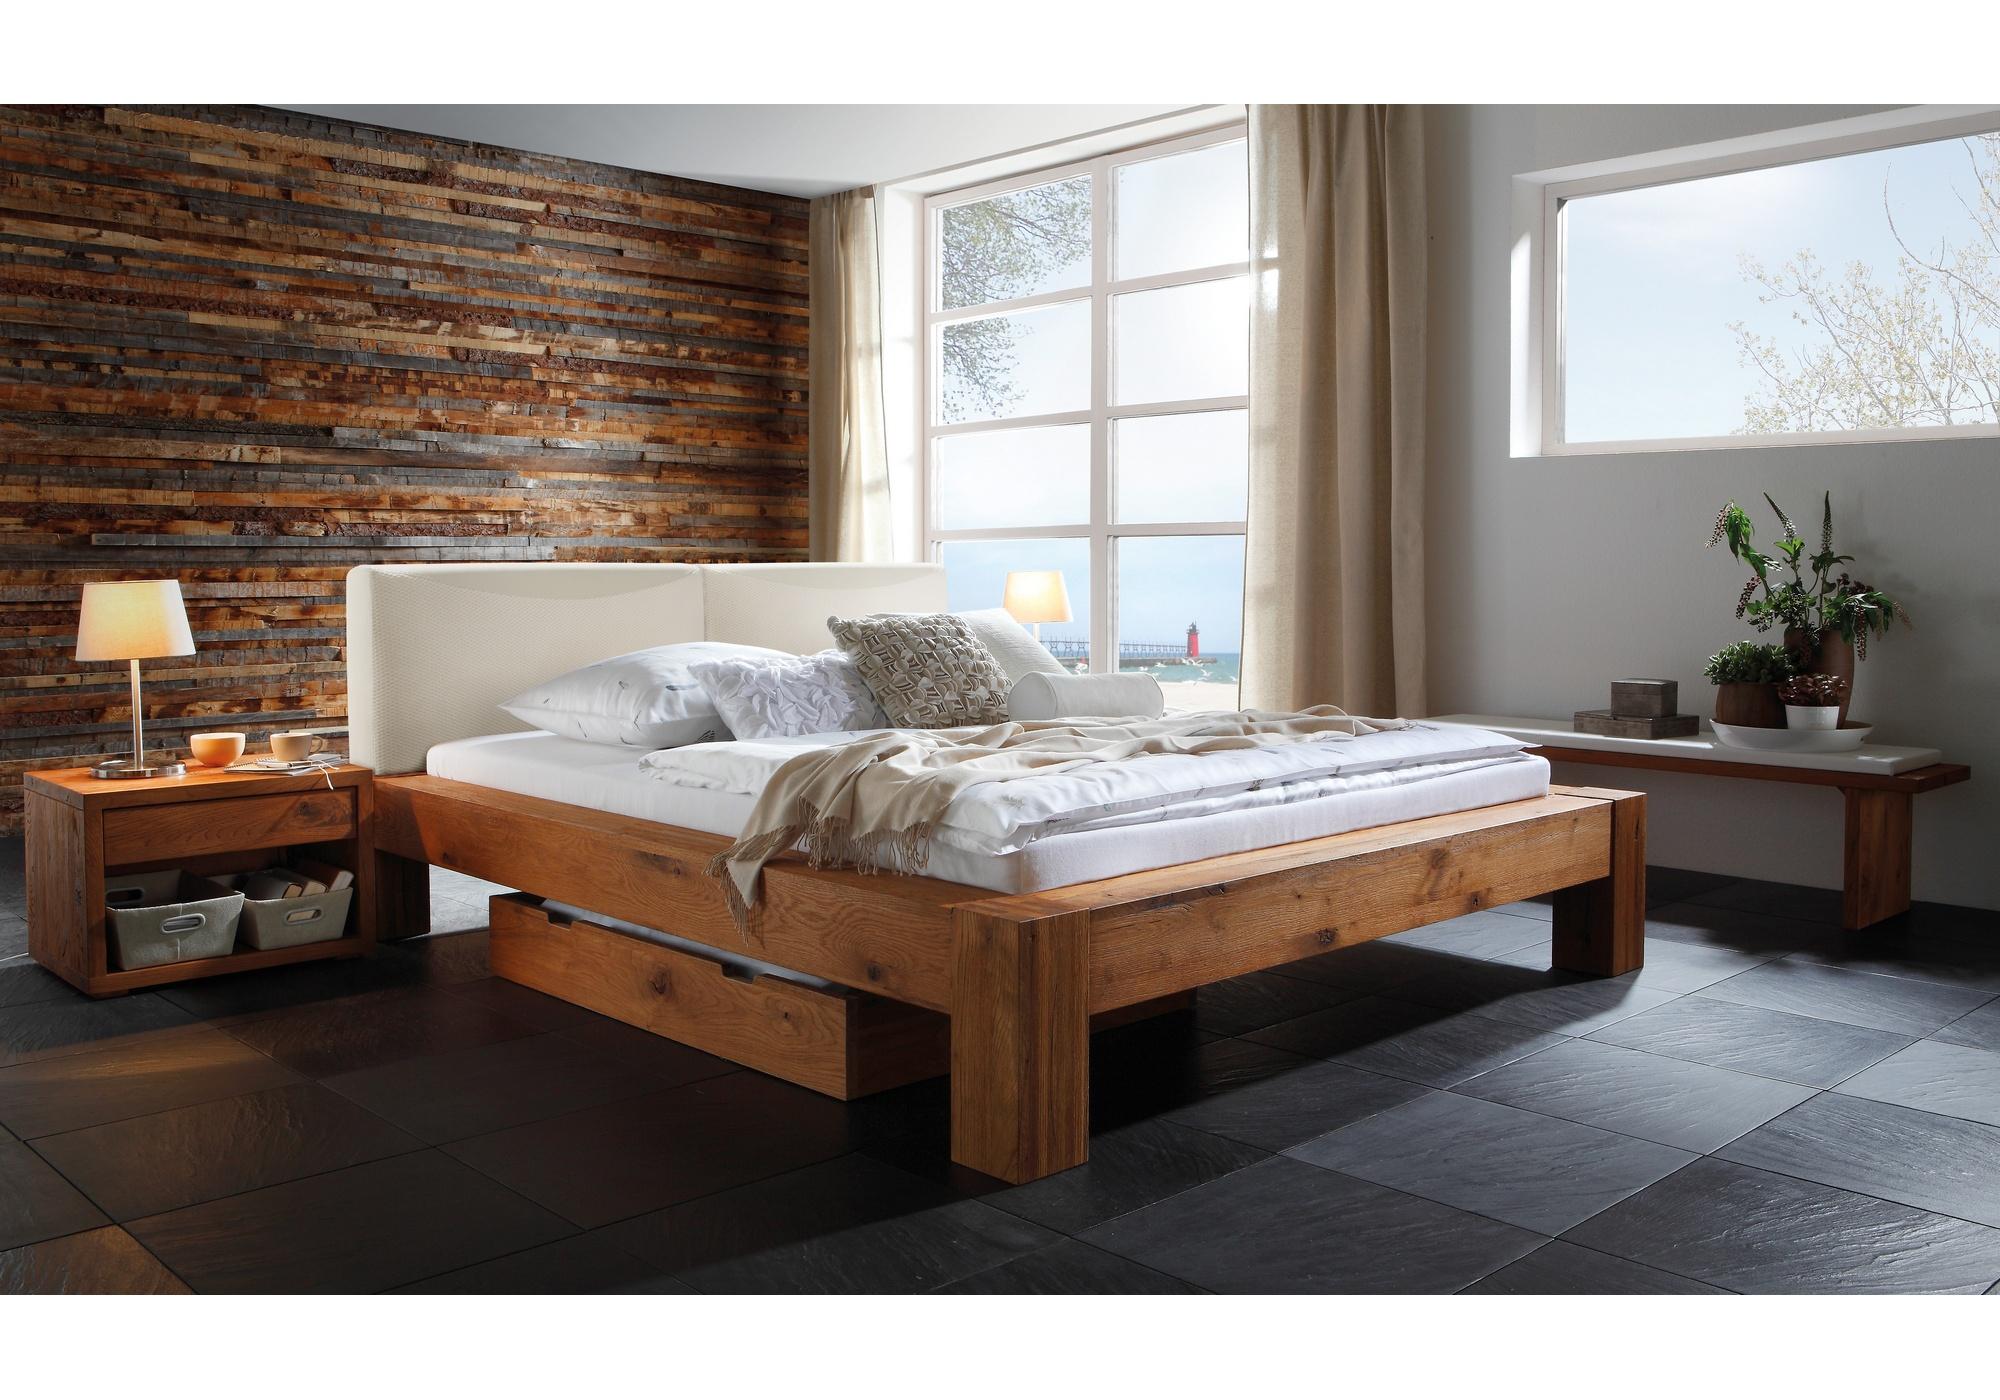 Hasena Oak-Wildeiche Massivholzbett 840_44293_2